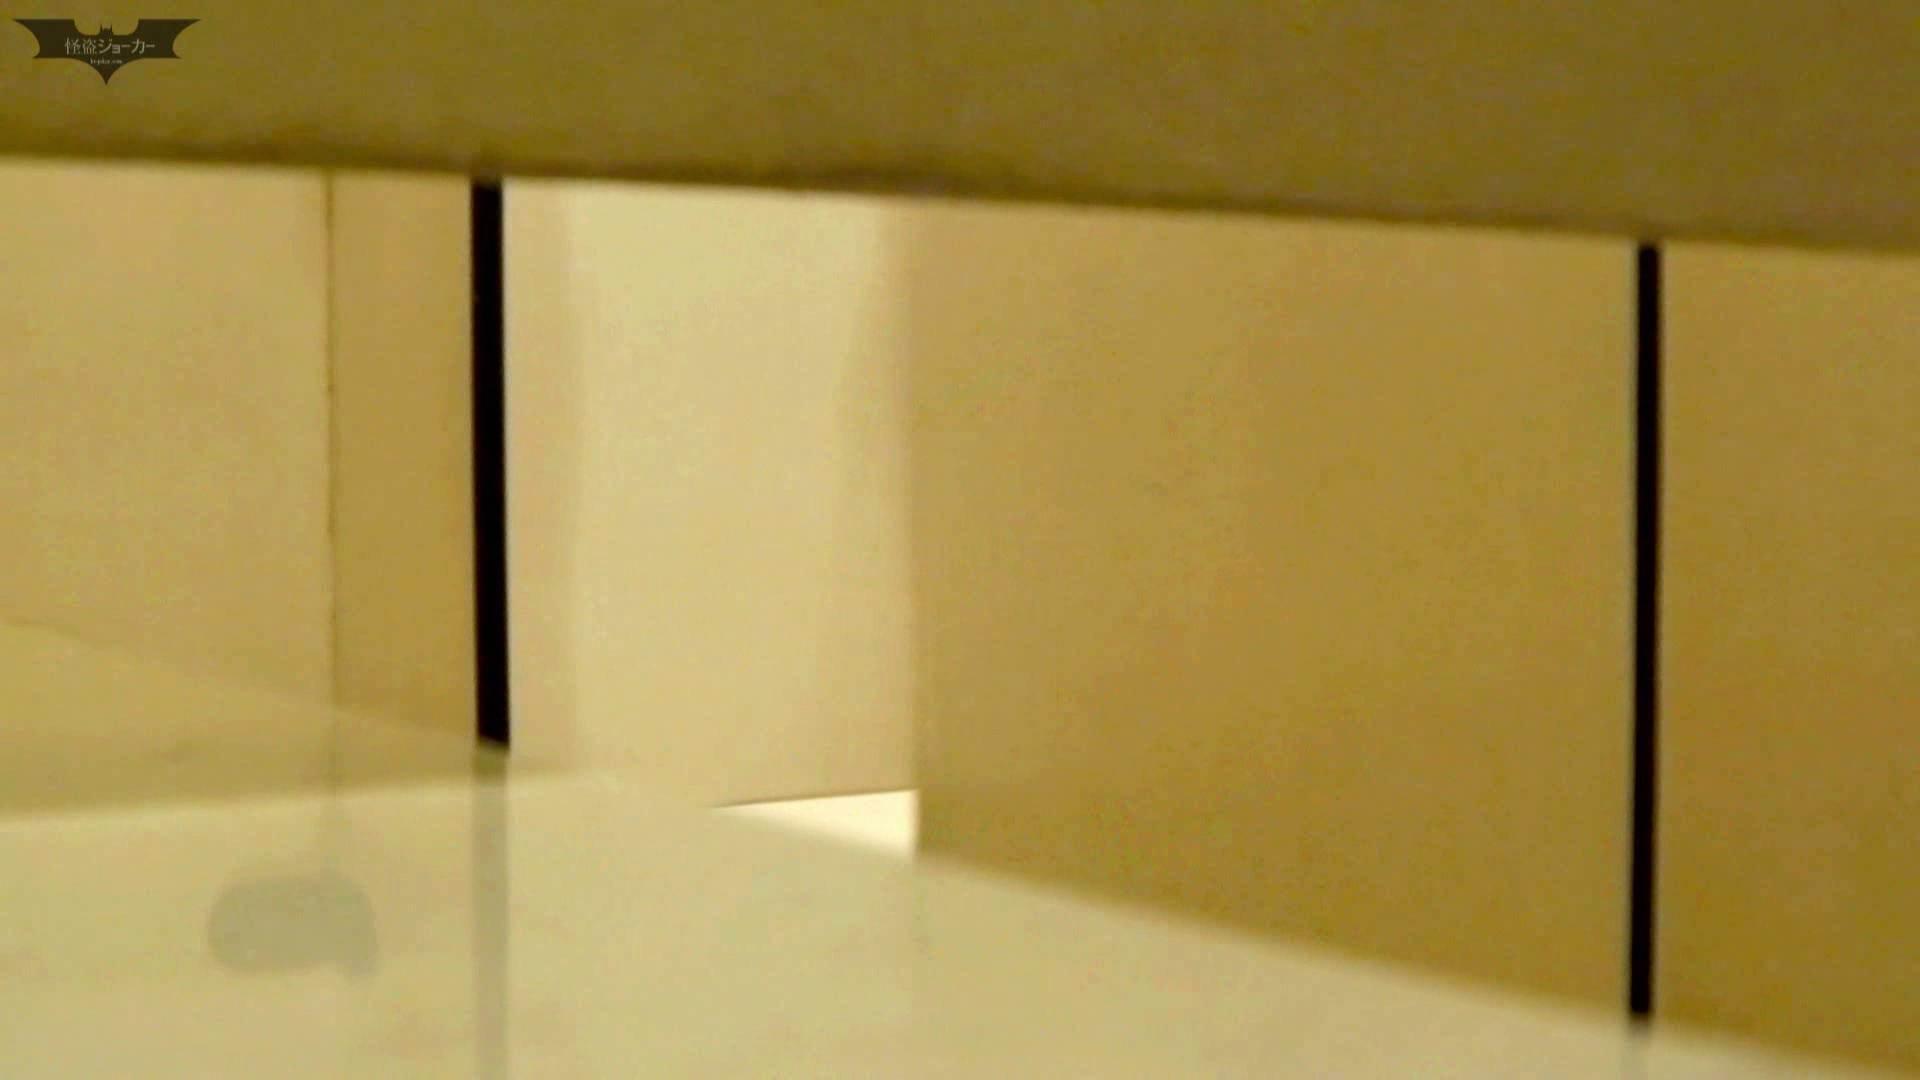 新世界の射窓 No70 世界の窓70 八頭身美女のエロい中腰 盛合せ   美女  101画像 55